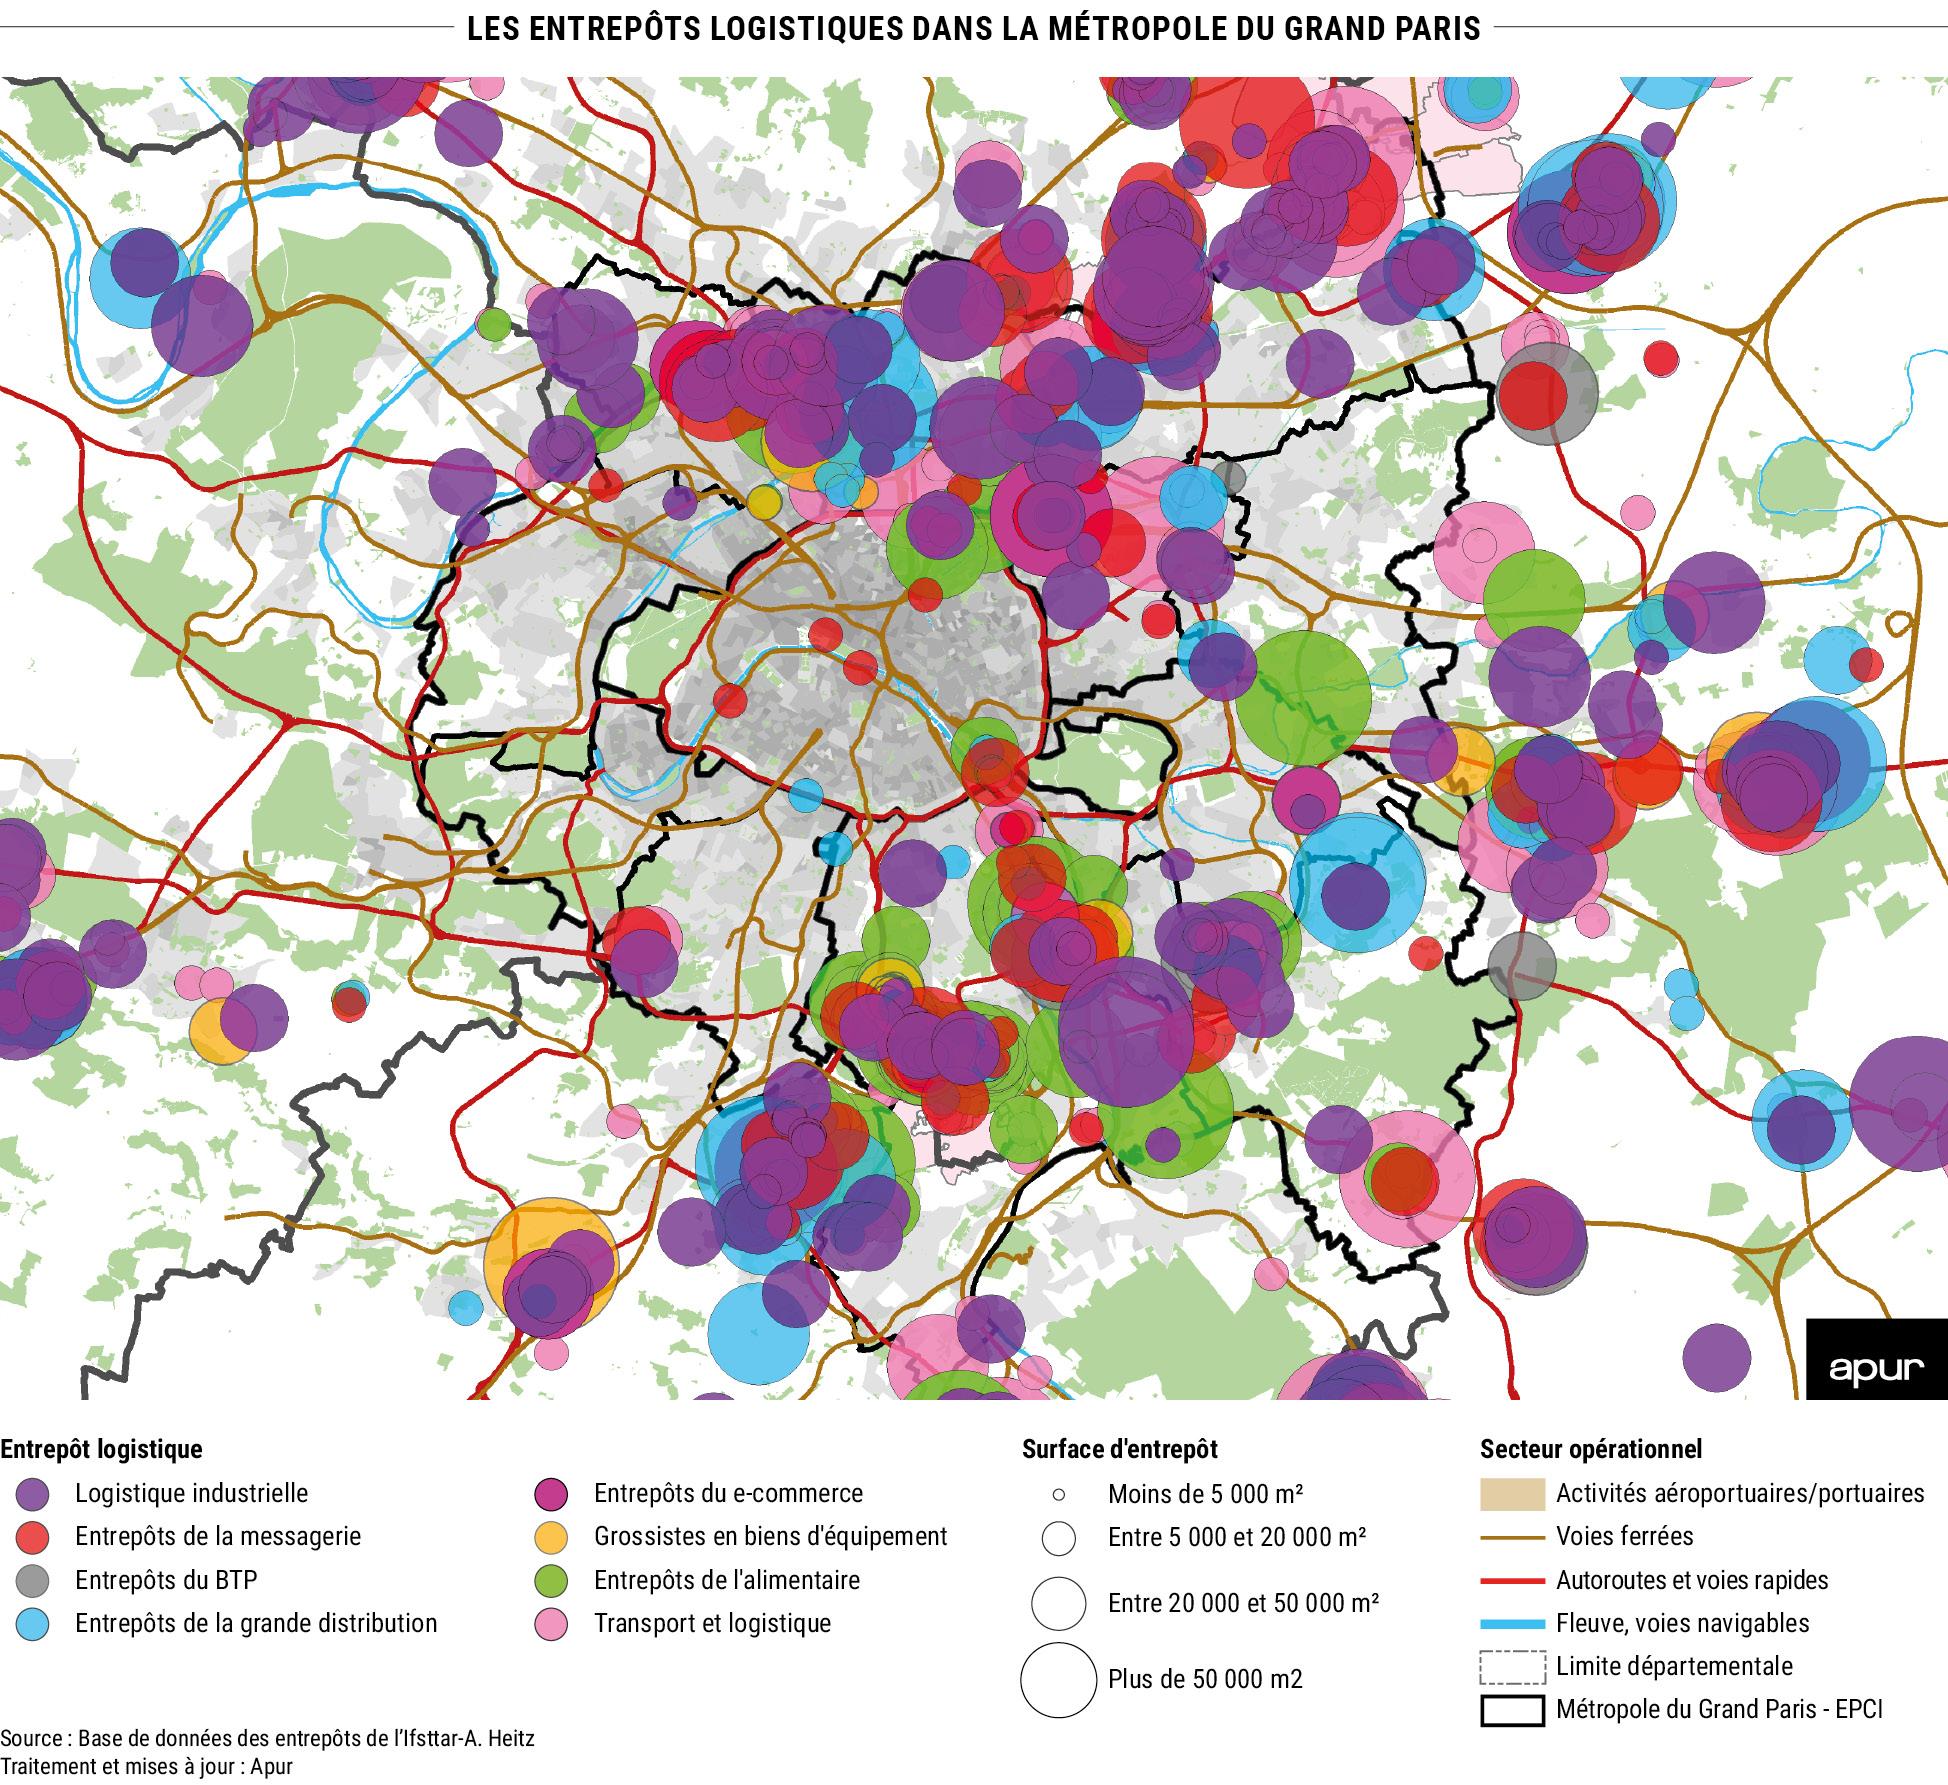 10- Les entrepôts logistiques dans la métropole du Grand Paris © Apur